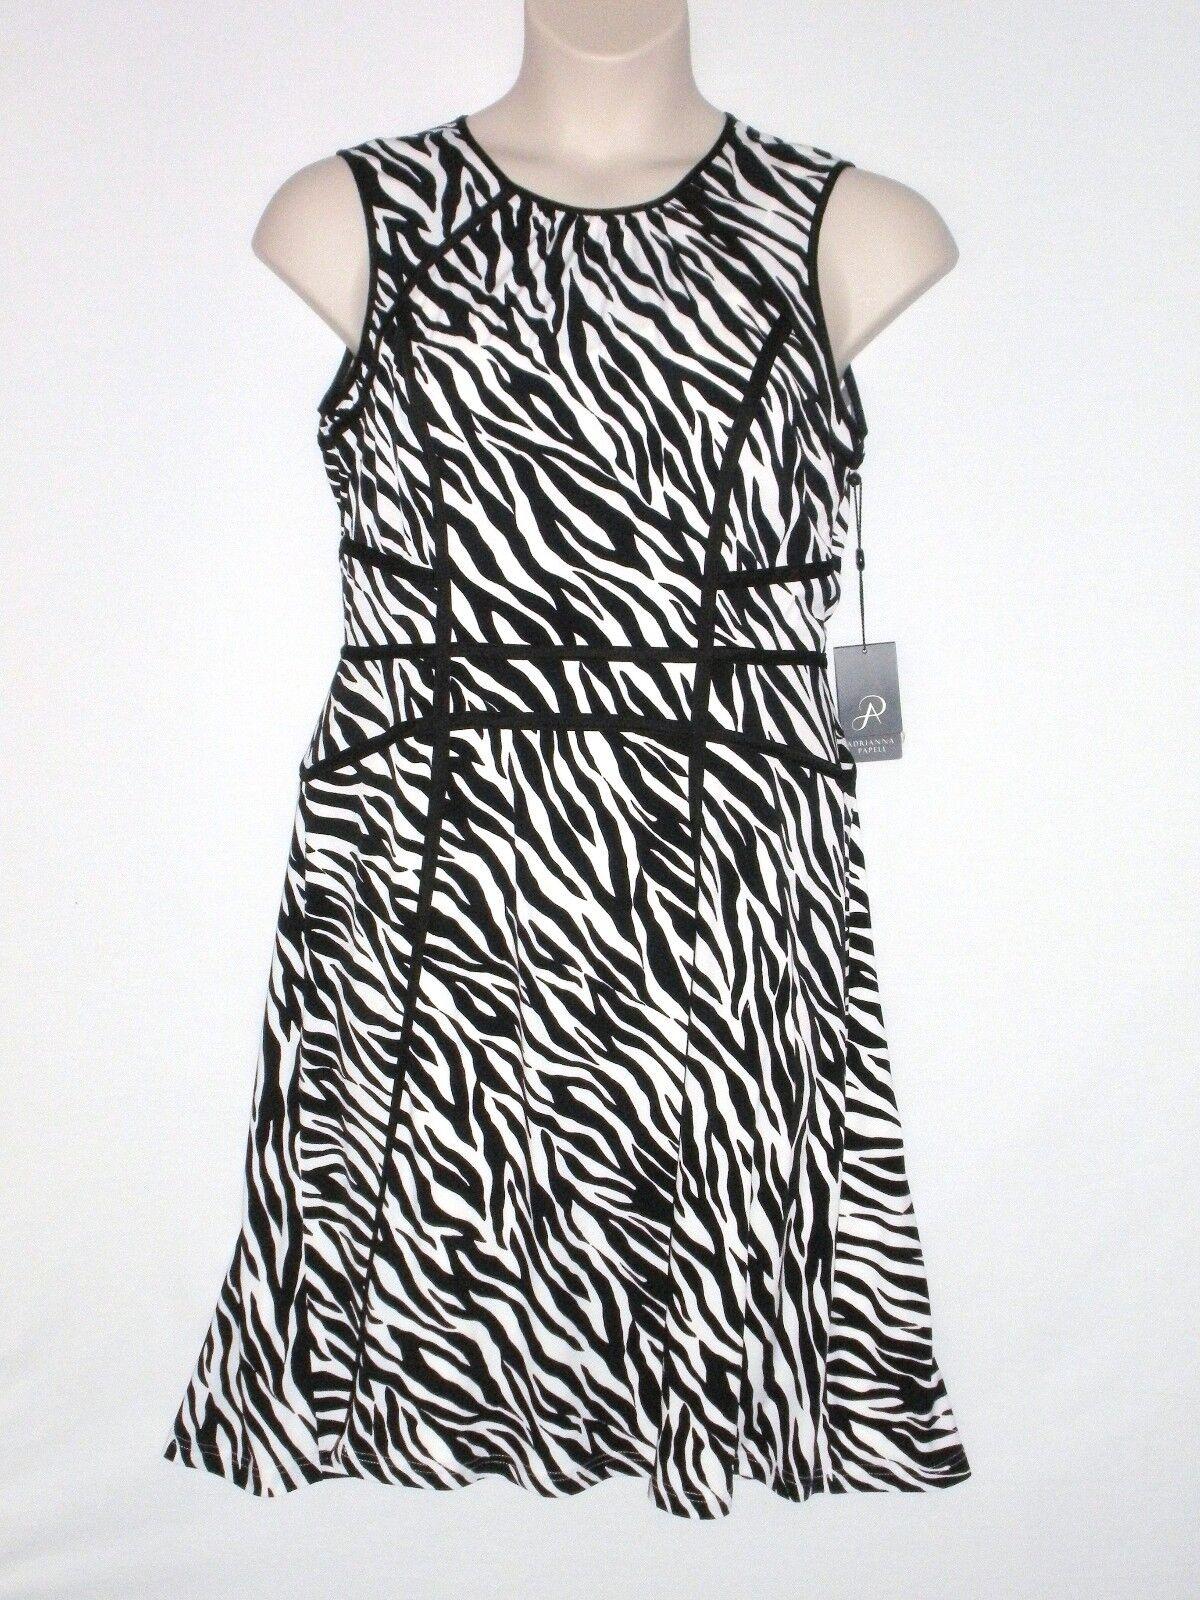 NWT  MSRP  ADRIANNA PAPELL Woherren Zebra A-Line Dress, schwarz Weiß, Größe 12